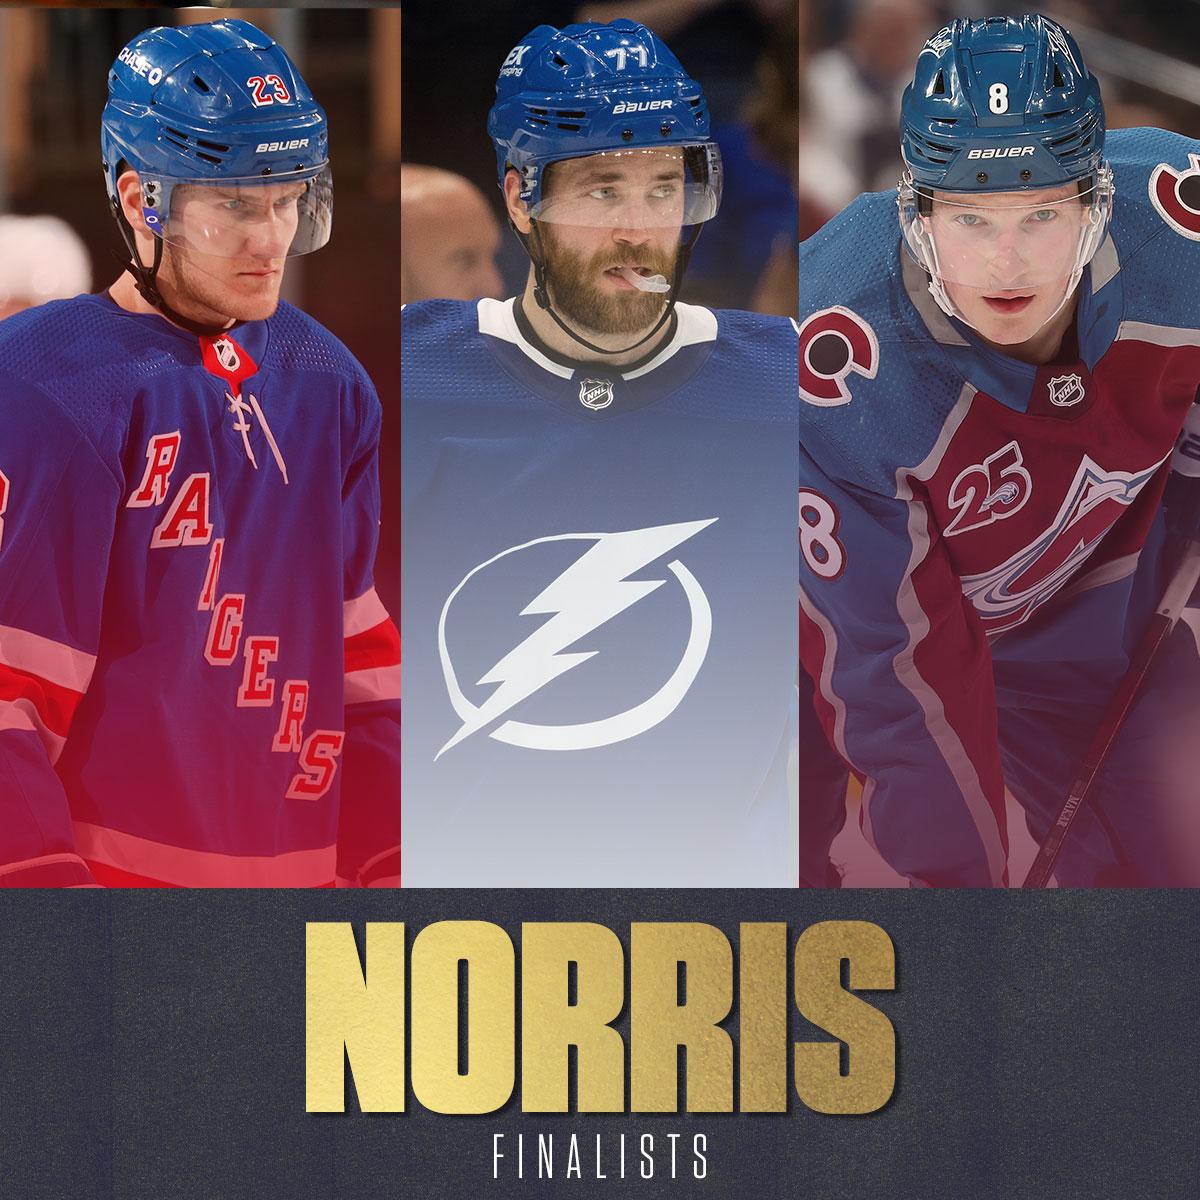 @NHLonNBCSports's photo on Cale Makar